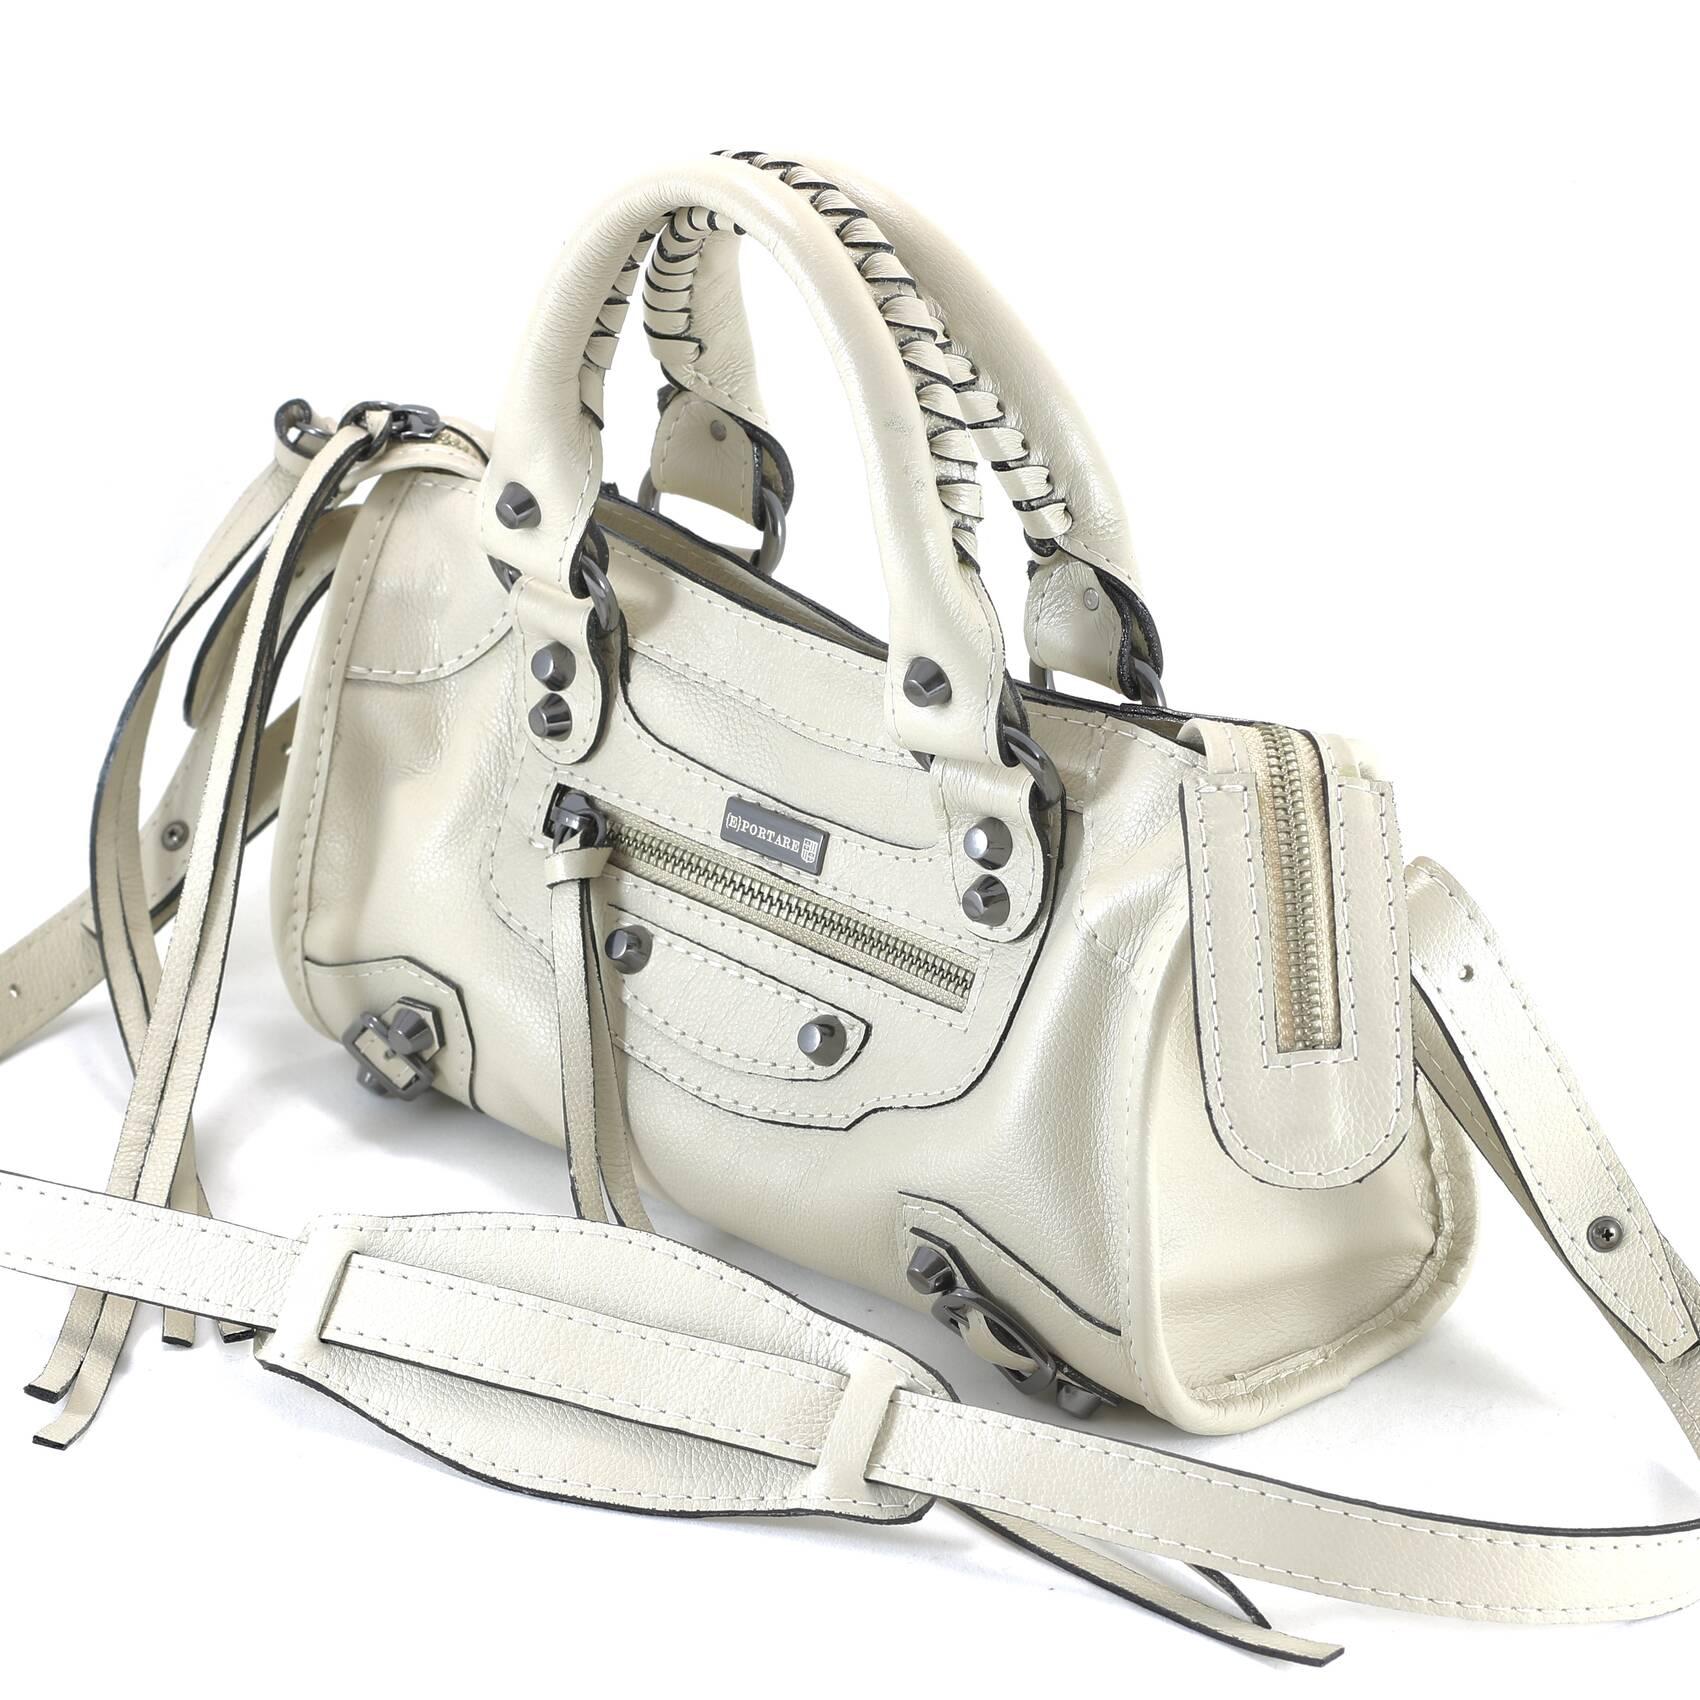 MINI BARCELONA Bolsa de couro off white